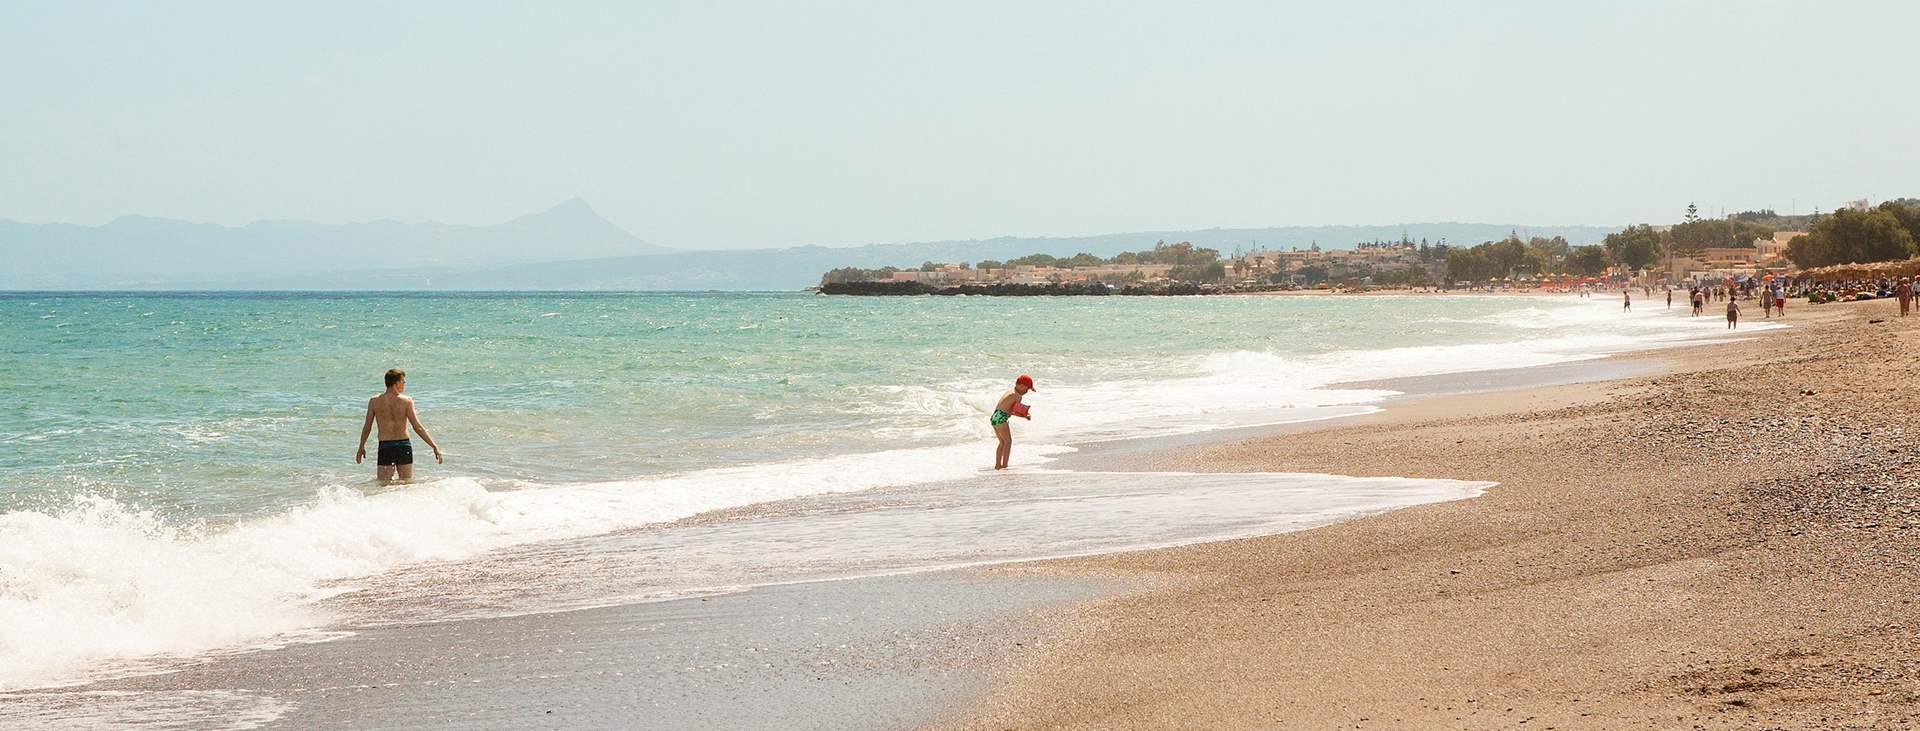 Bestil en reise til Kreta med Ving